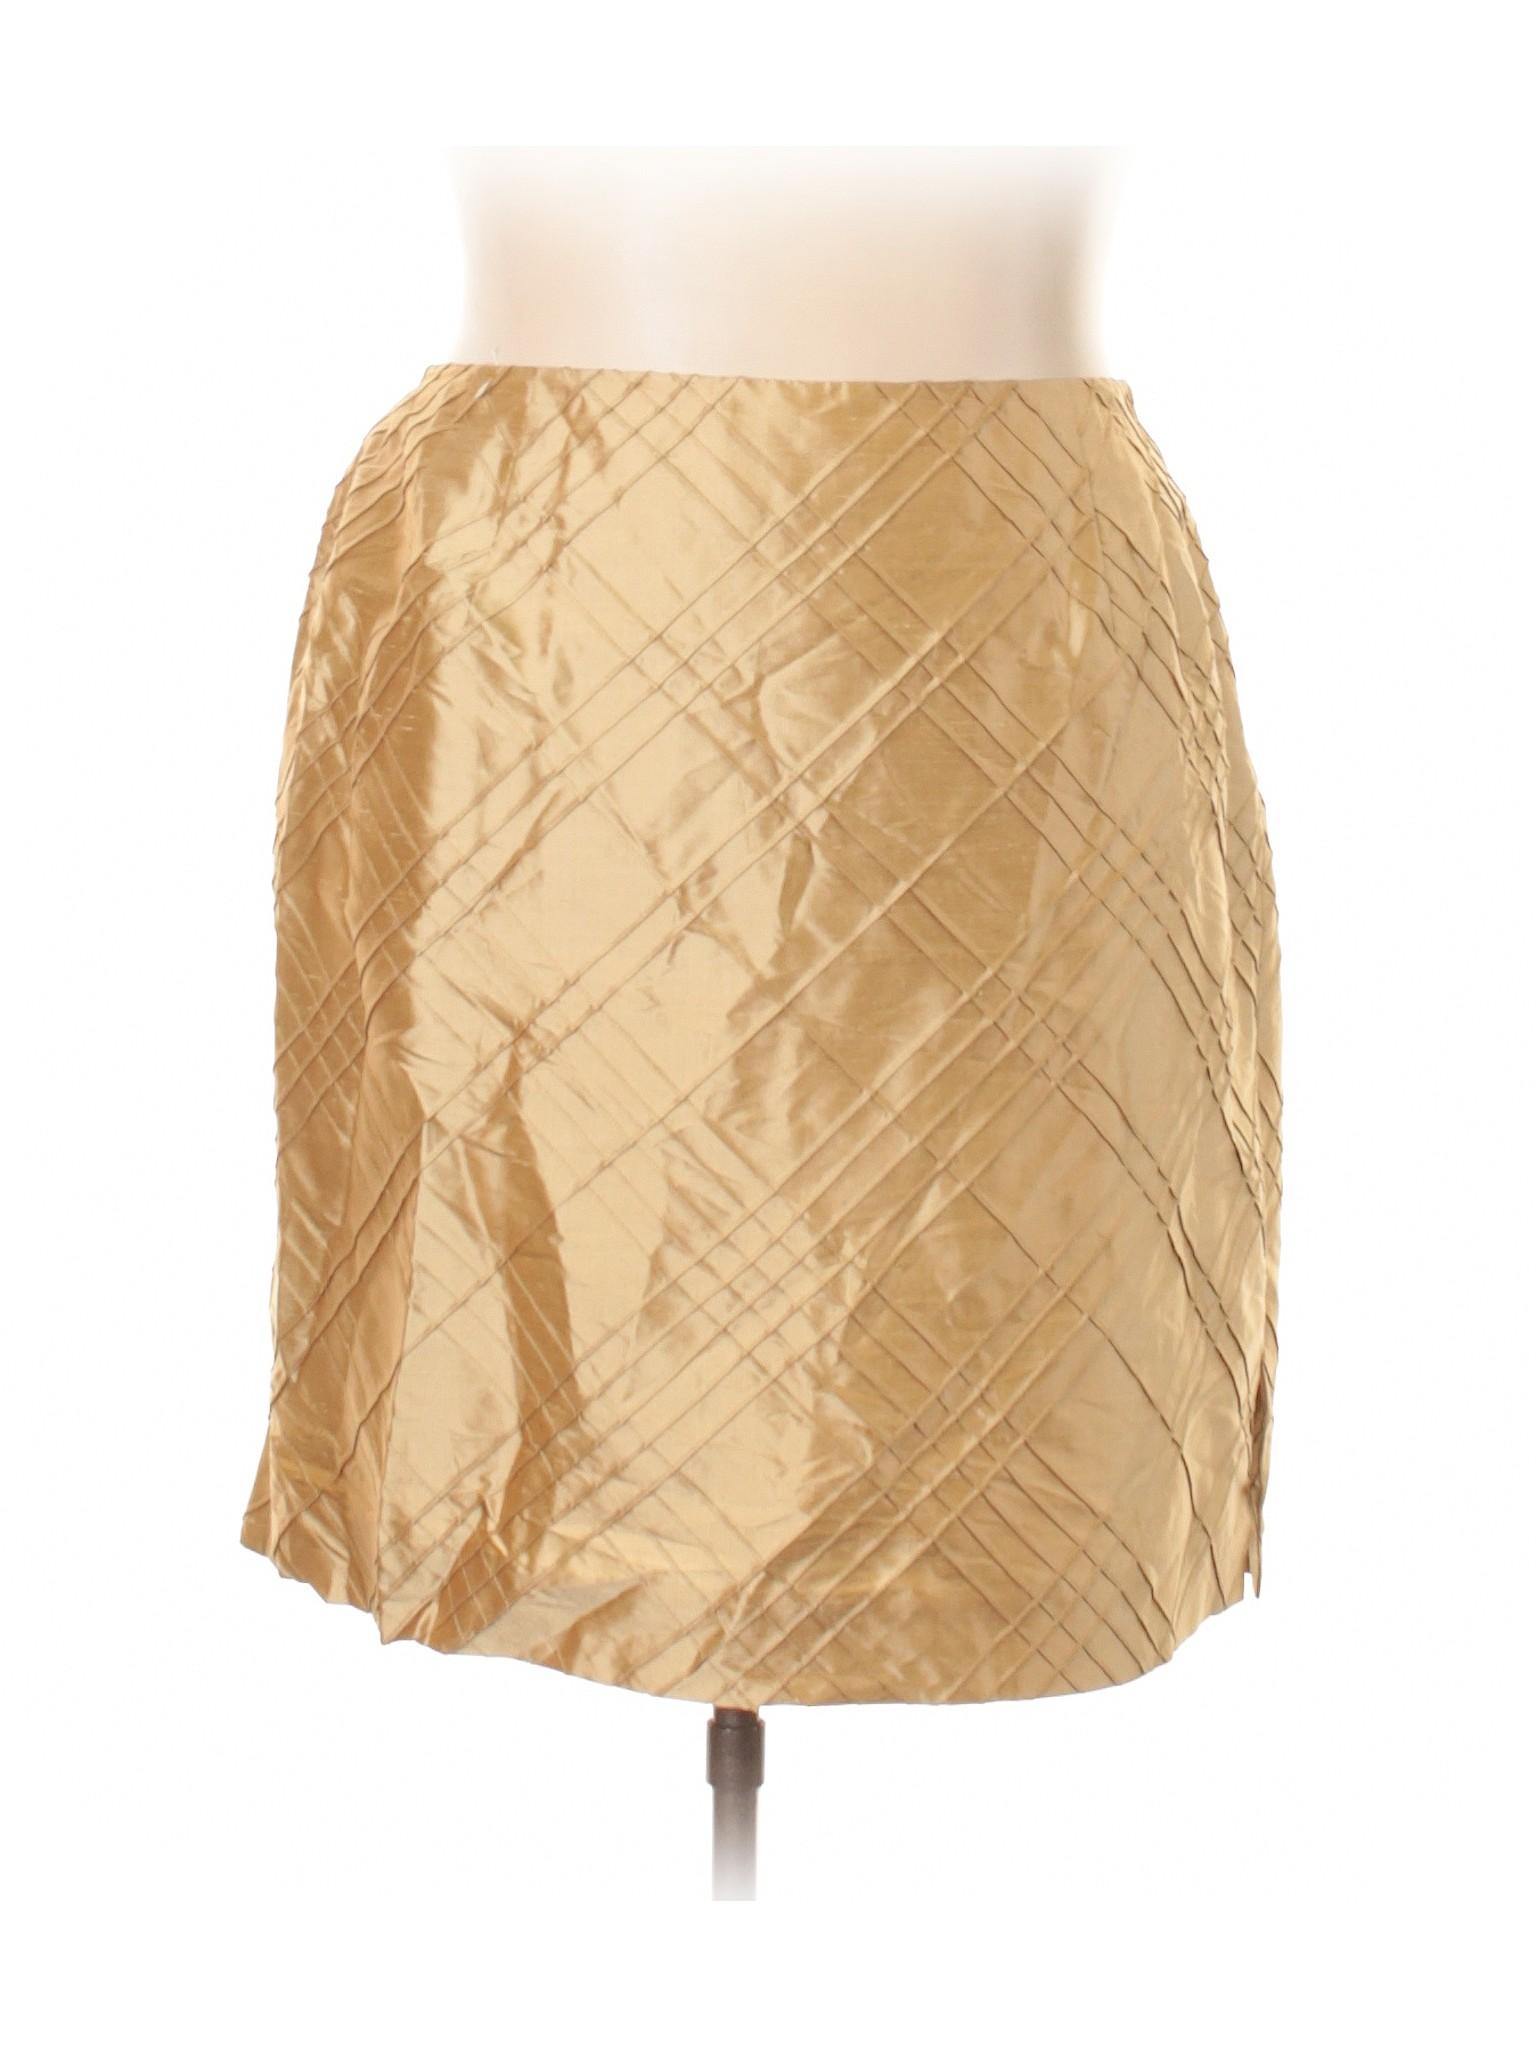 Silk Silk Talbott Boutique Talbott Boutique leisure leisure Skirt dvwXYqgdx